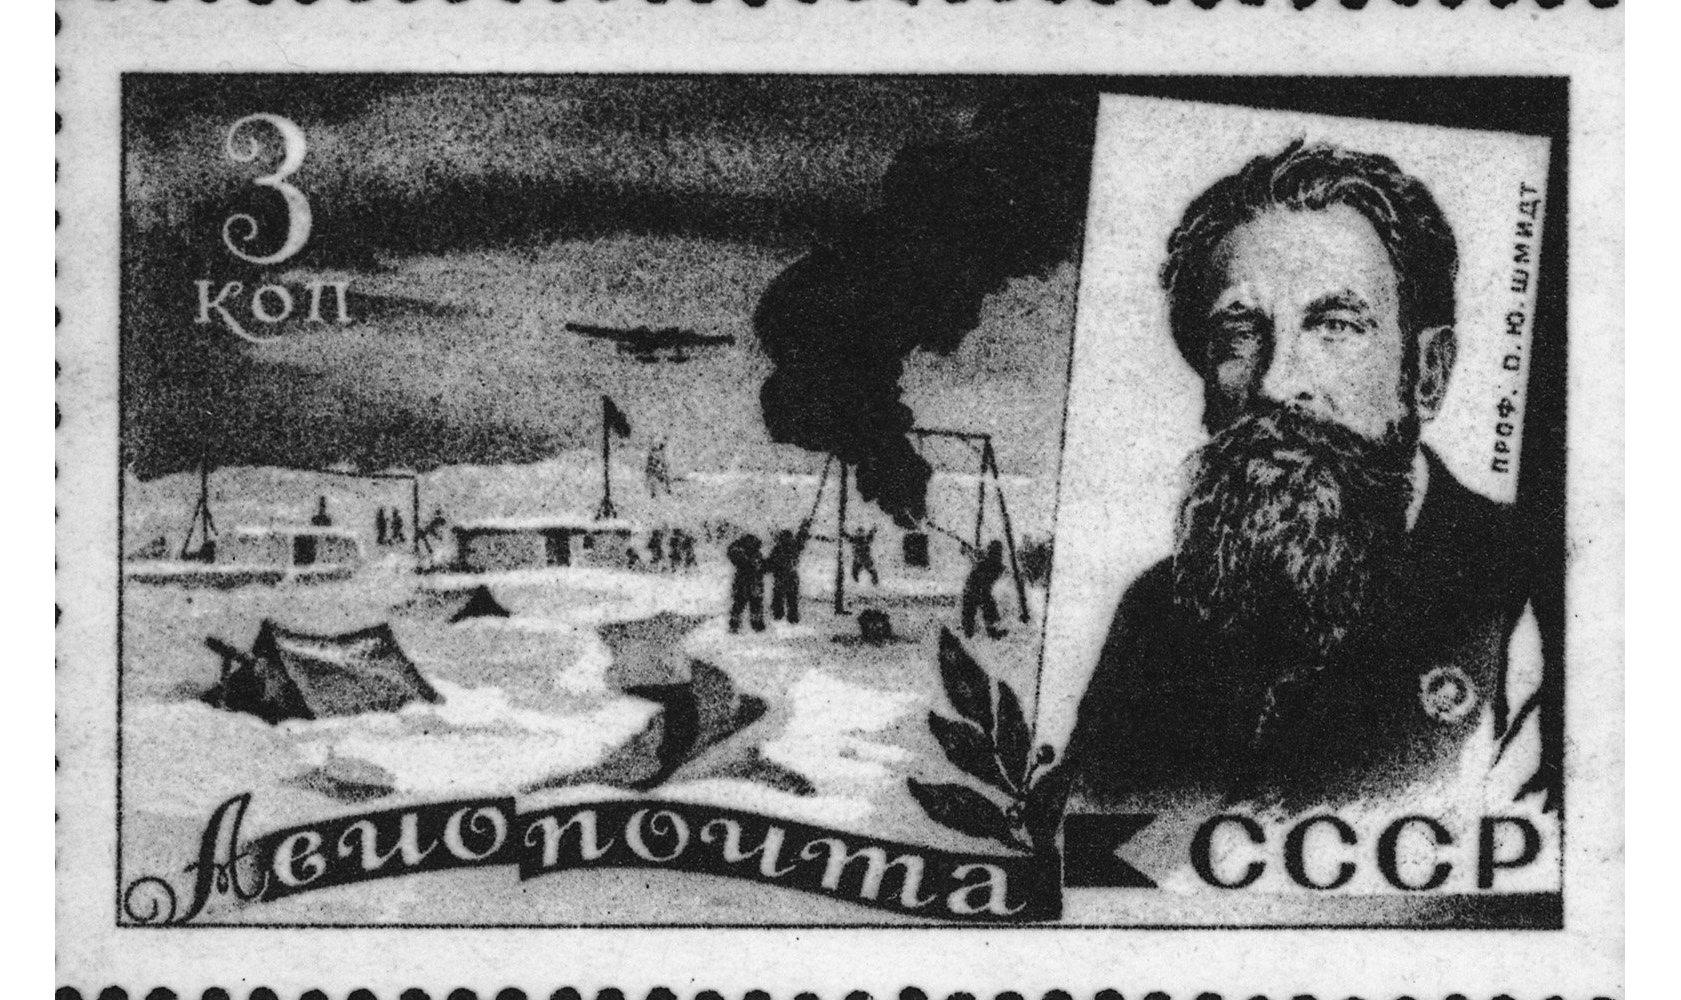 Советская марка с изображением Отто Шмидта, посвящённая освоению Арктики и Антарктики. Репродукция